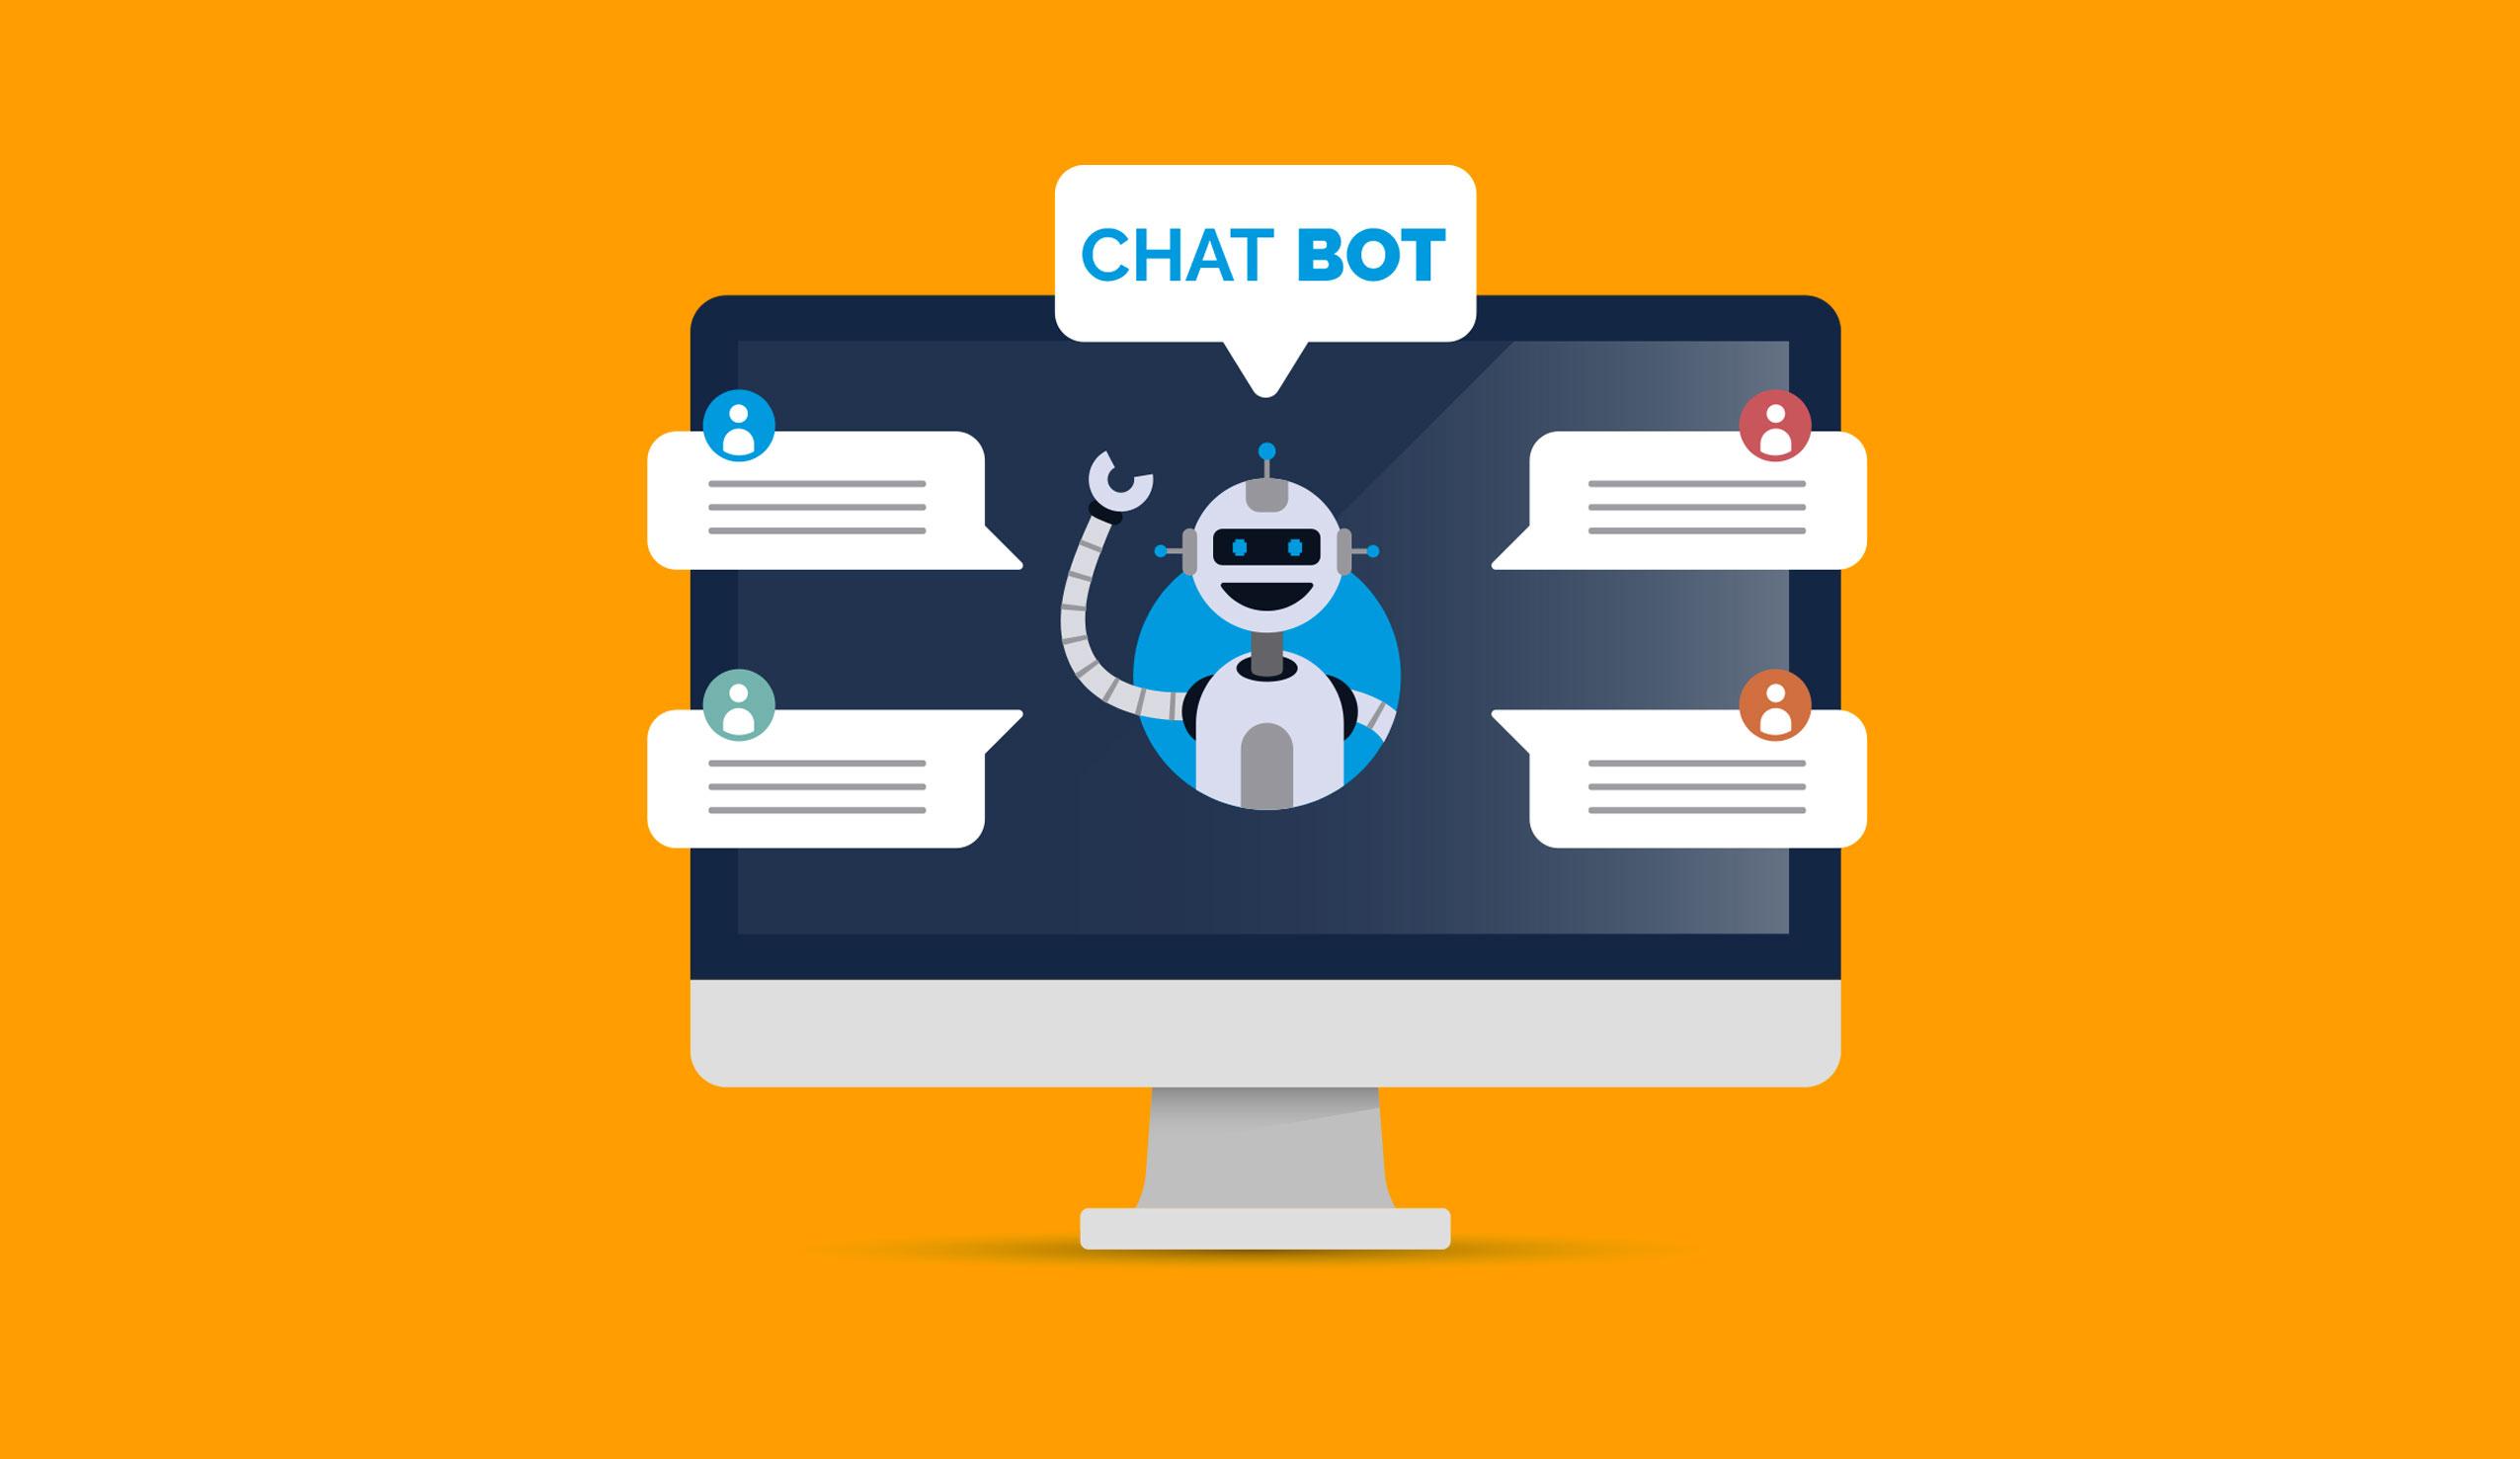 Come startup e aziende preparano la rivoluzione chatbot